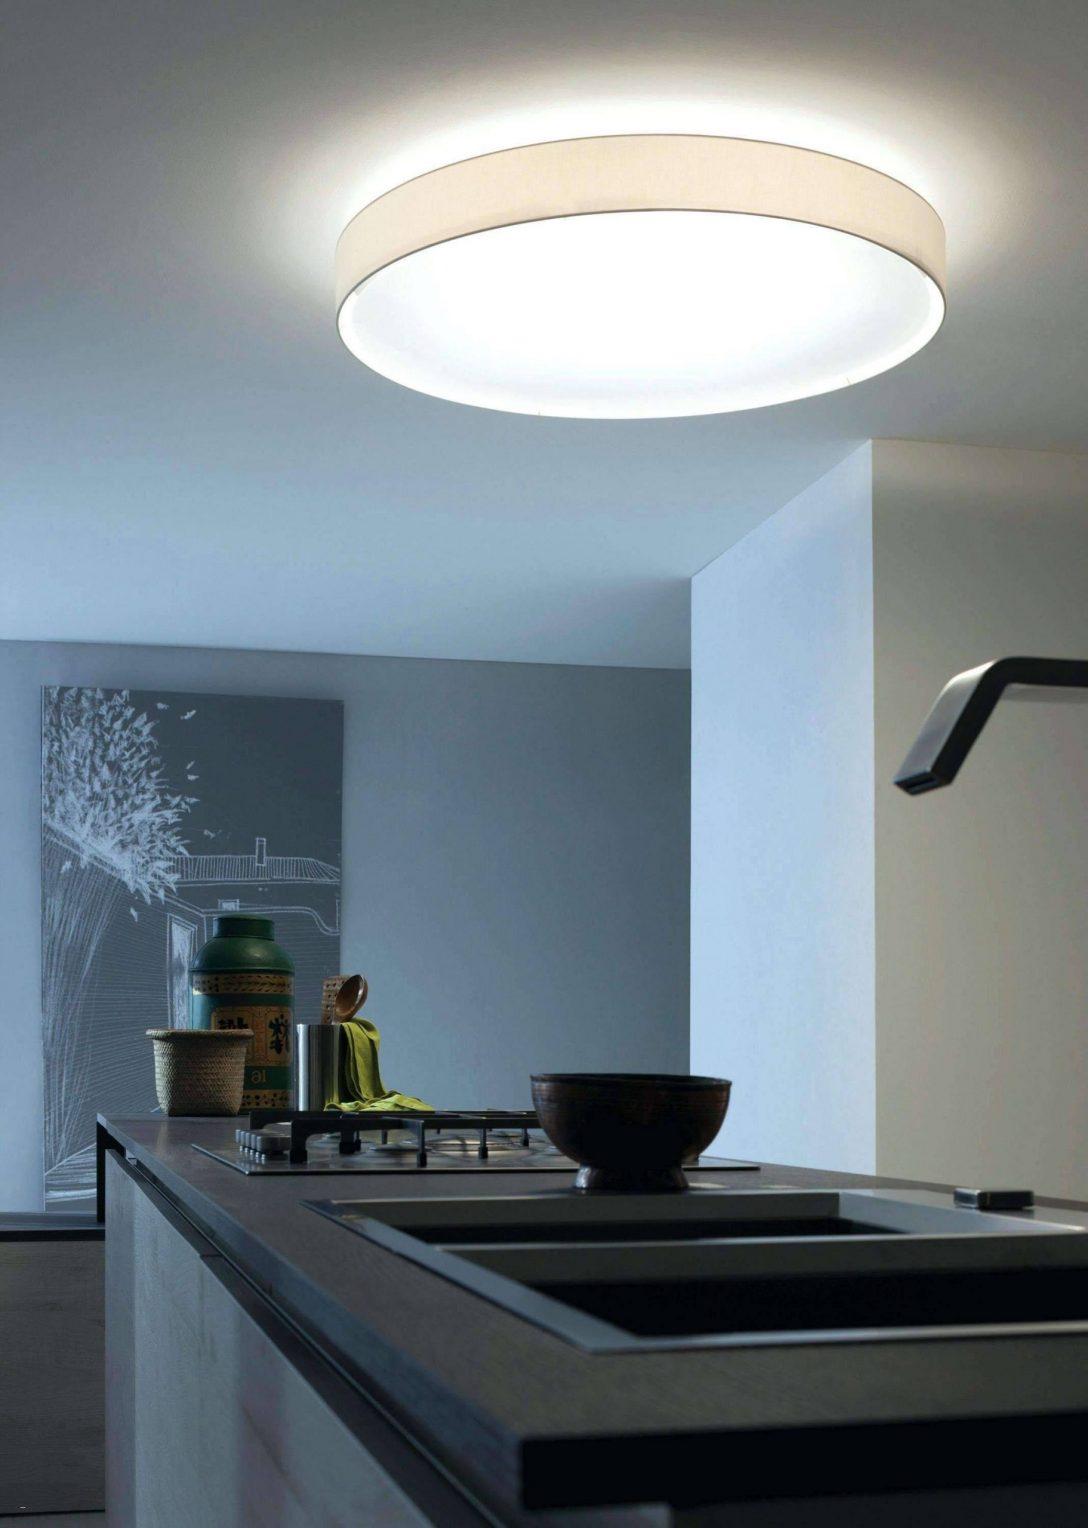 Large Size of Deckenleuchten Wohnzimmer Led Haus Design Stehlampe Gardine Beleuchtung Deckenlampen Teppiche Komplett Sideboard Gardinen Für Moderne Deckenleuchte Wohnzimmer Deckenleuchten Wohnzimmer